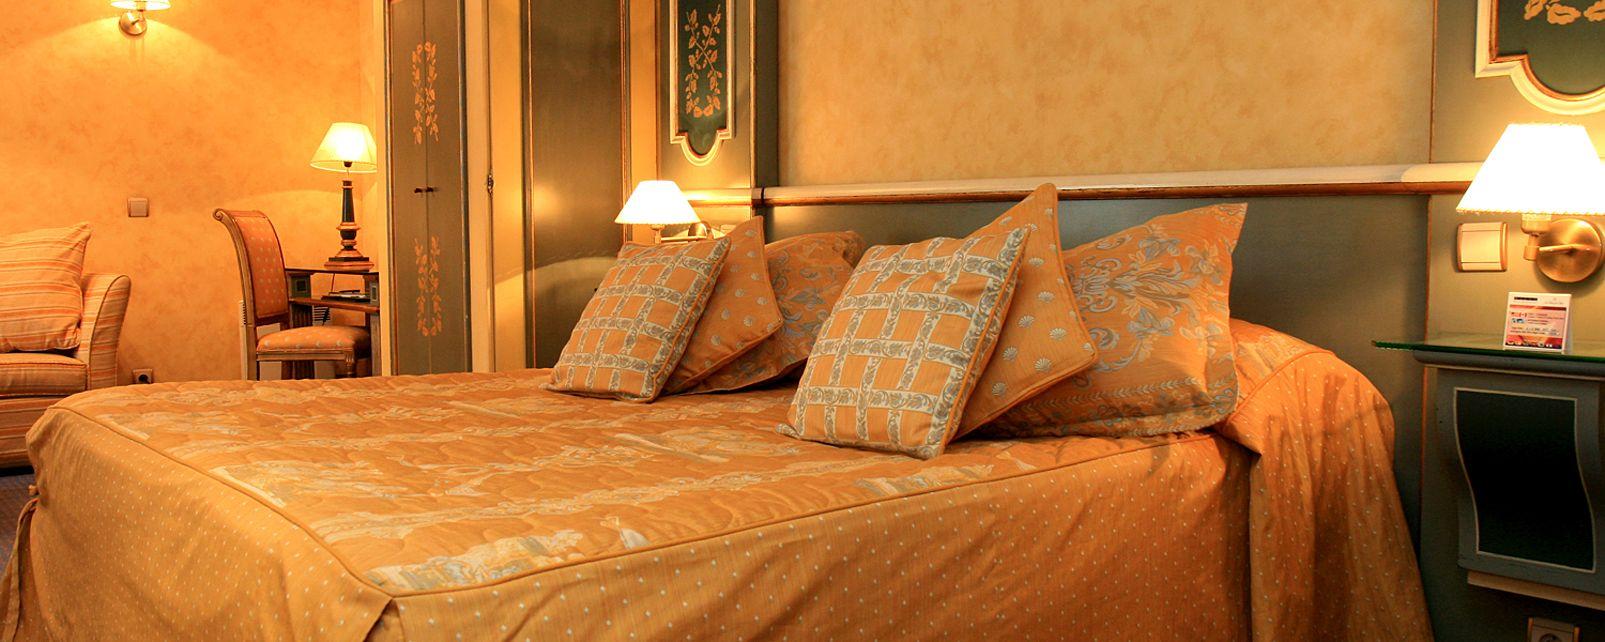 Hotel La Villa Beaumarchais